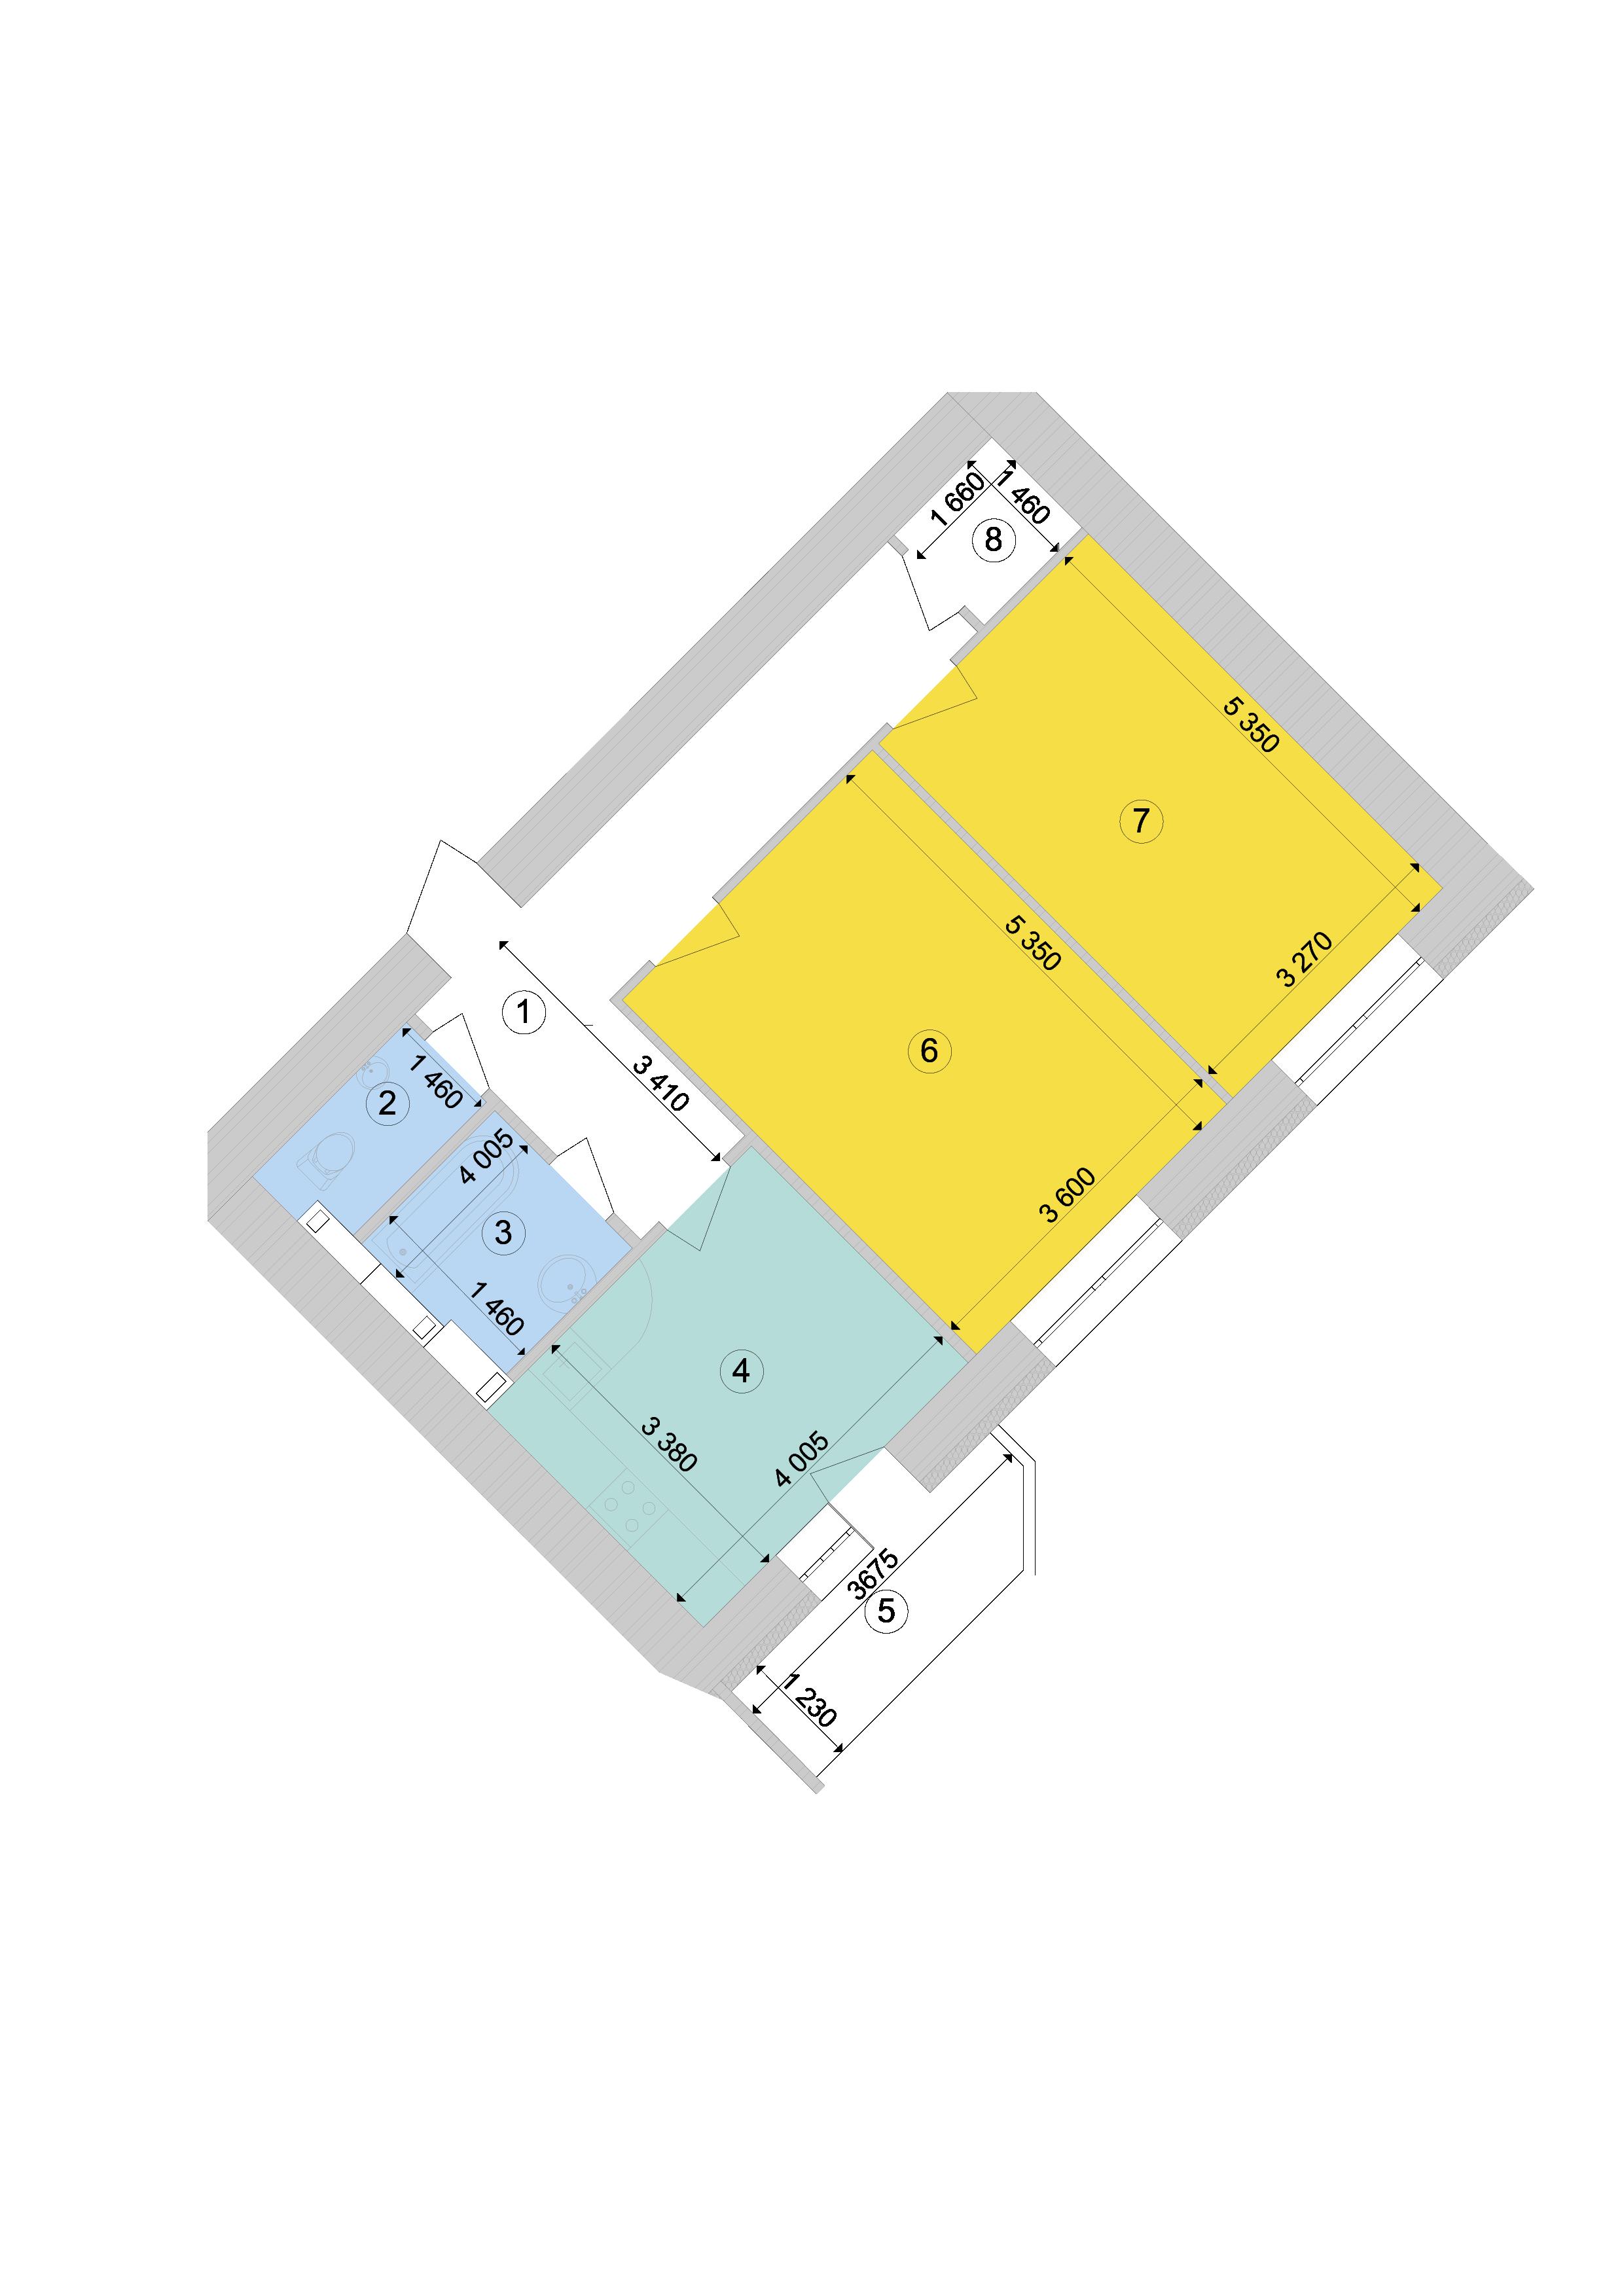 Купити Двокімнатна квартира 72,79 кв.м., тип 2.7, будинок 1, секція 9 в Києві Голосіївський район